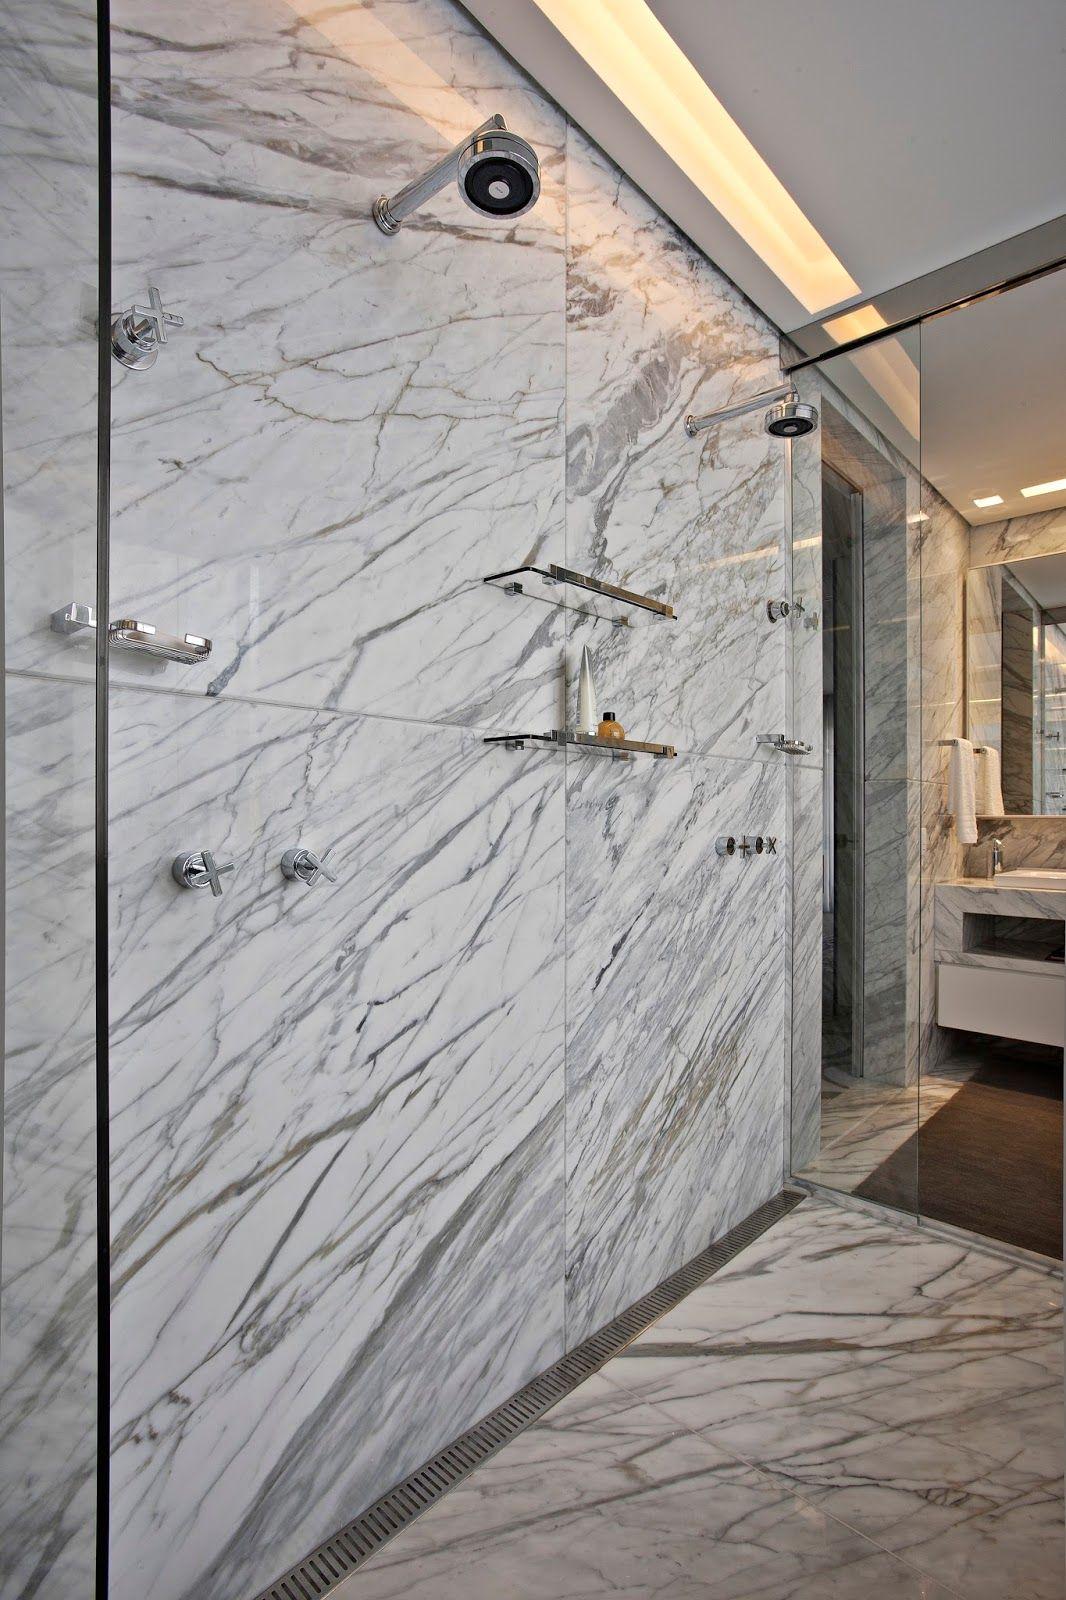 Construindo Minha Casa Clean: Casa Luxo - Veja a Decoração dos Ambientes Clássico Moderno!